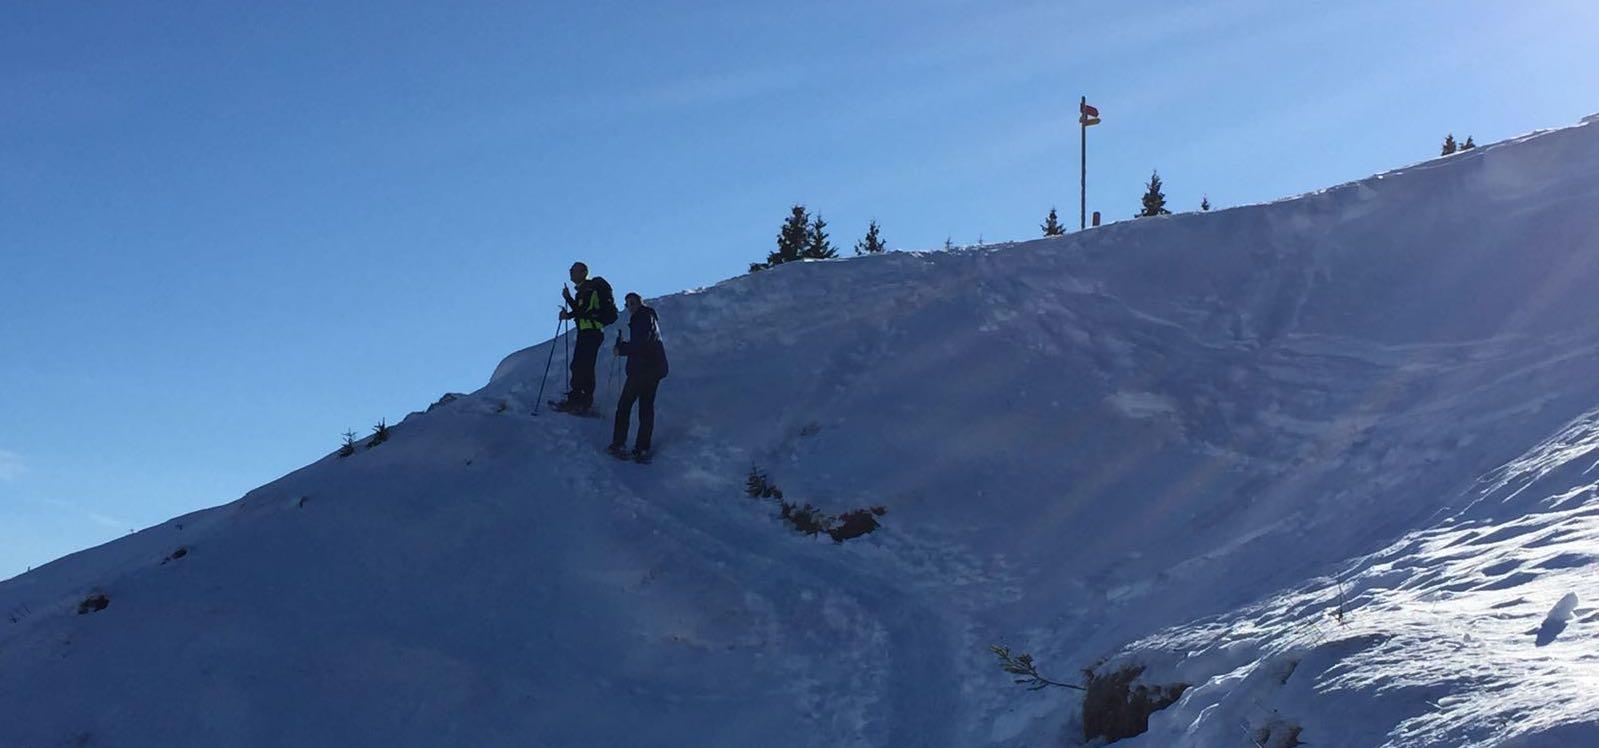 Schneeschuhwanderung im Gebiet Sattelegg & Chli Aubrig